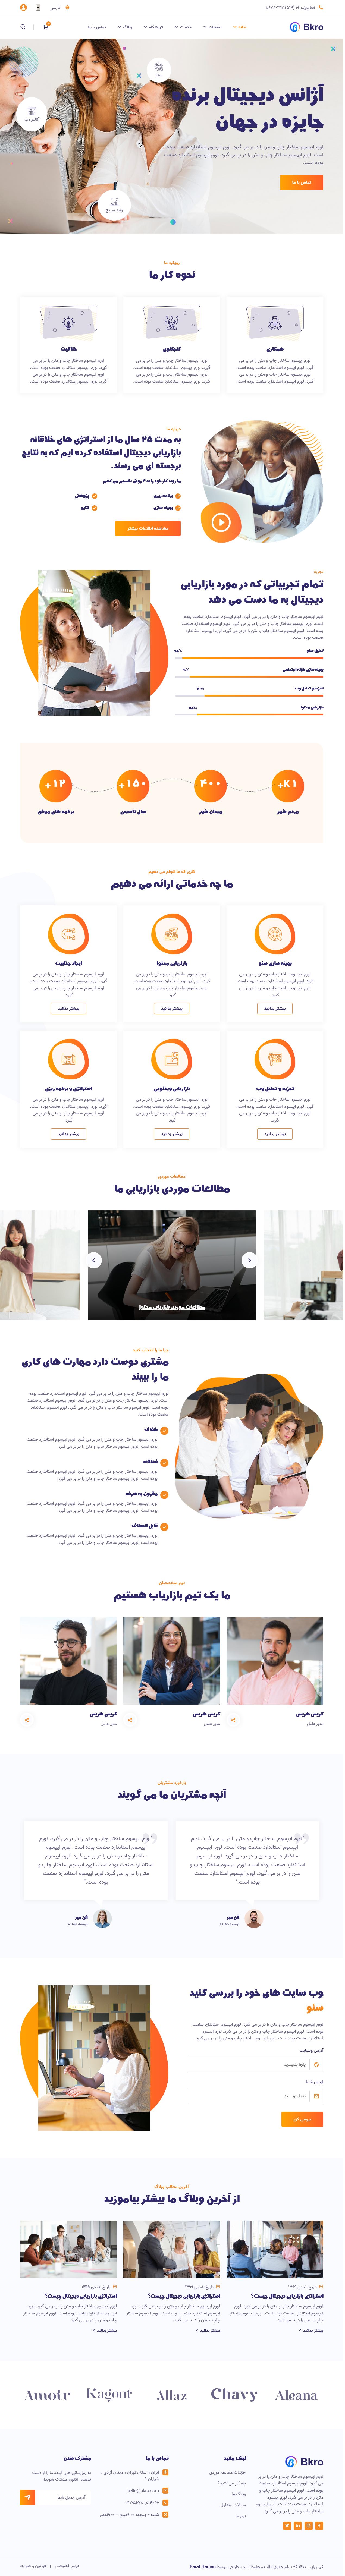 صفحات قالب HTML سایت دیجیتال مارکتینگ باکرو